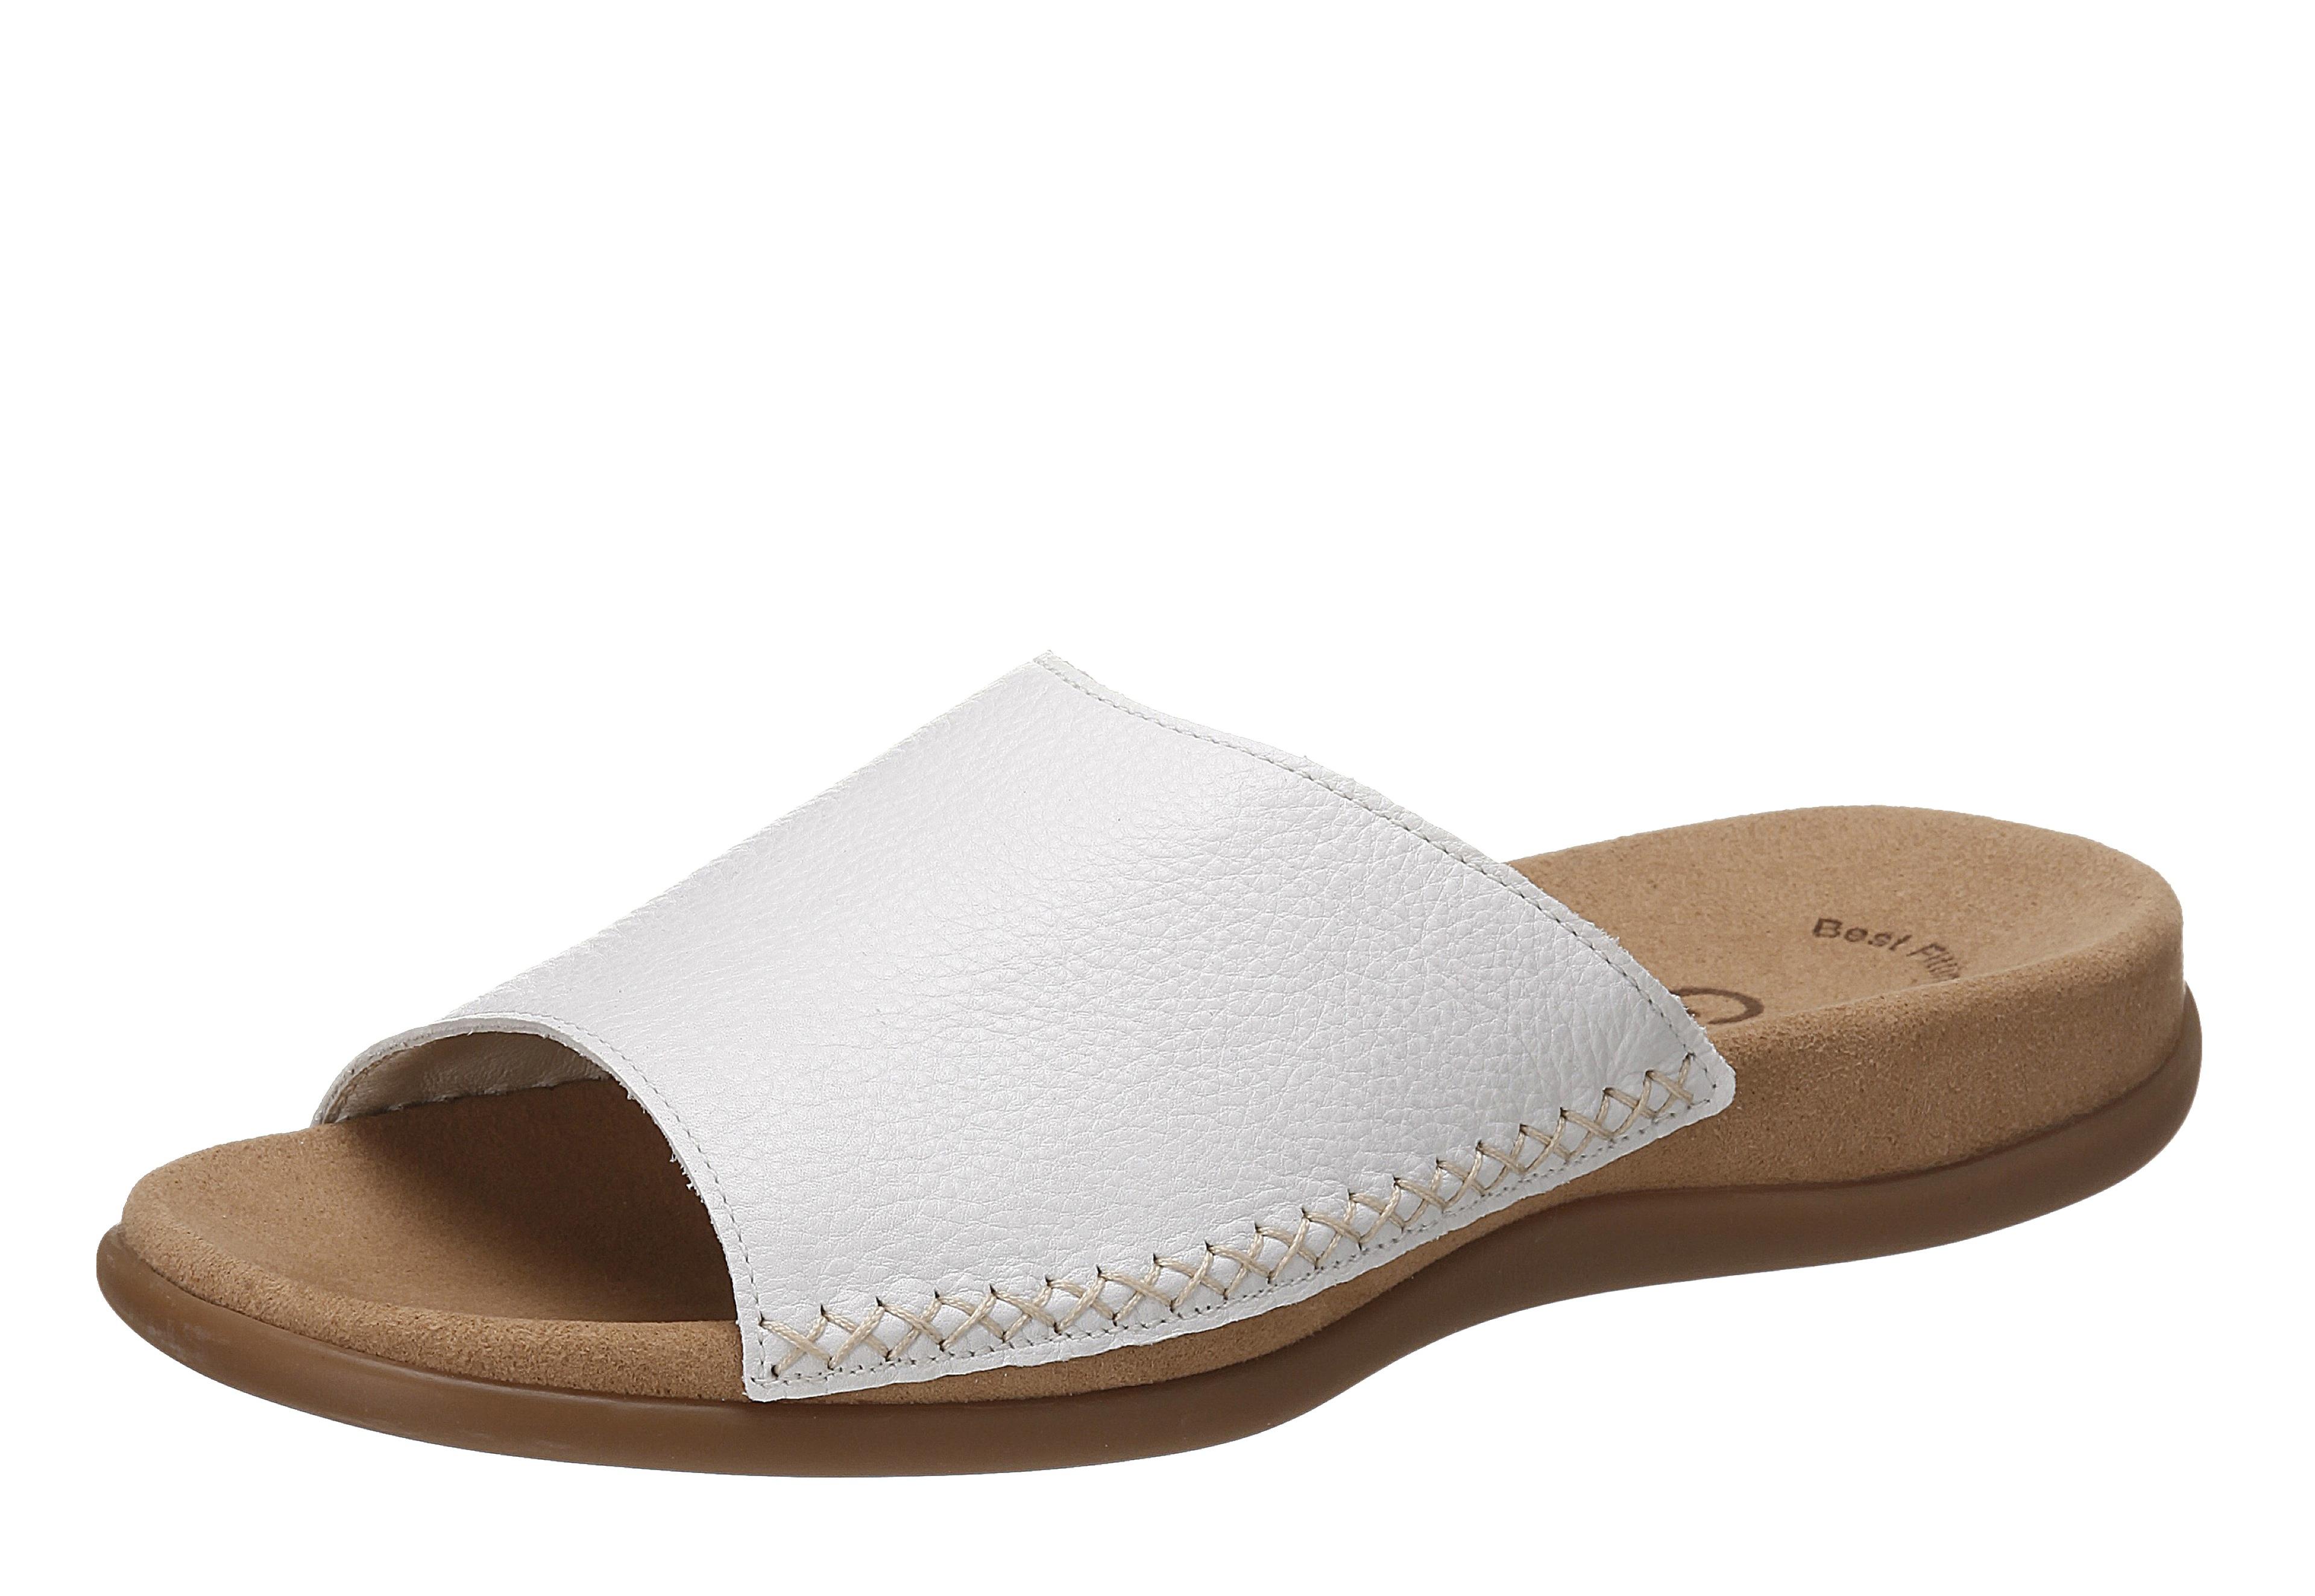 Gabor slippers voordelig en veilig online kopen